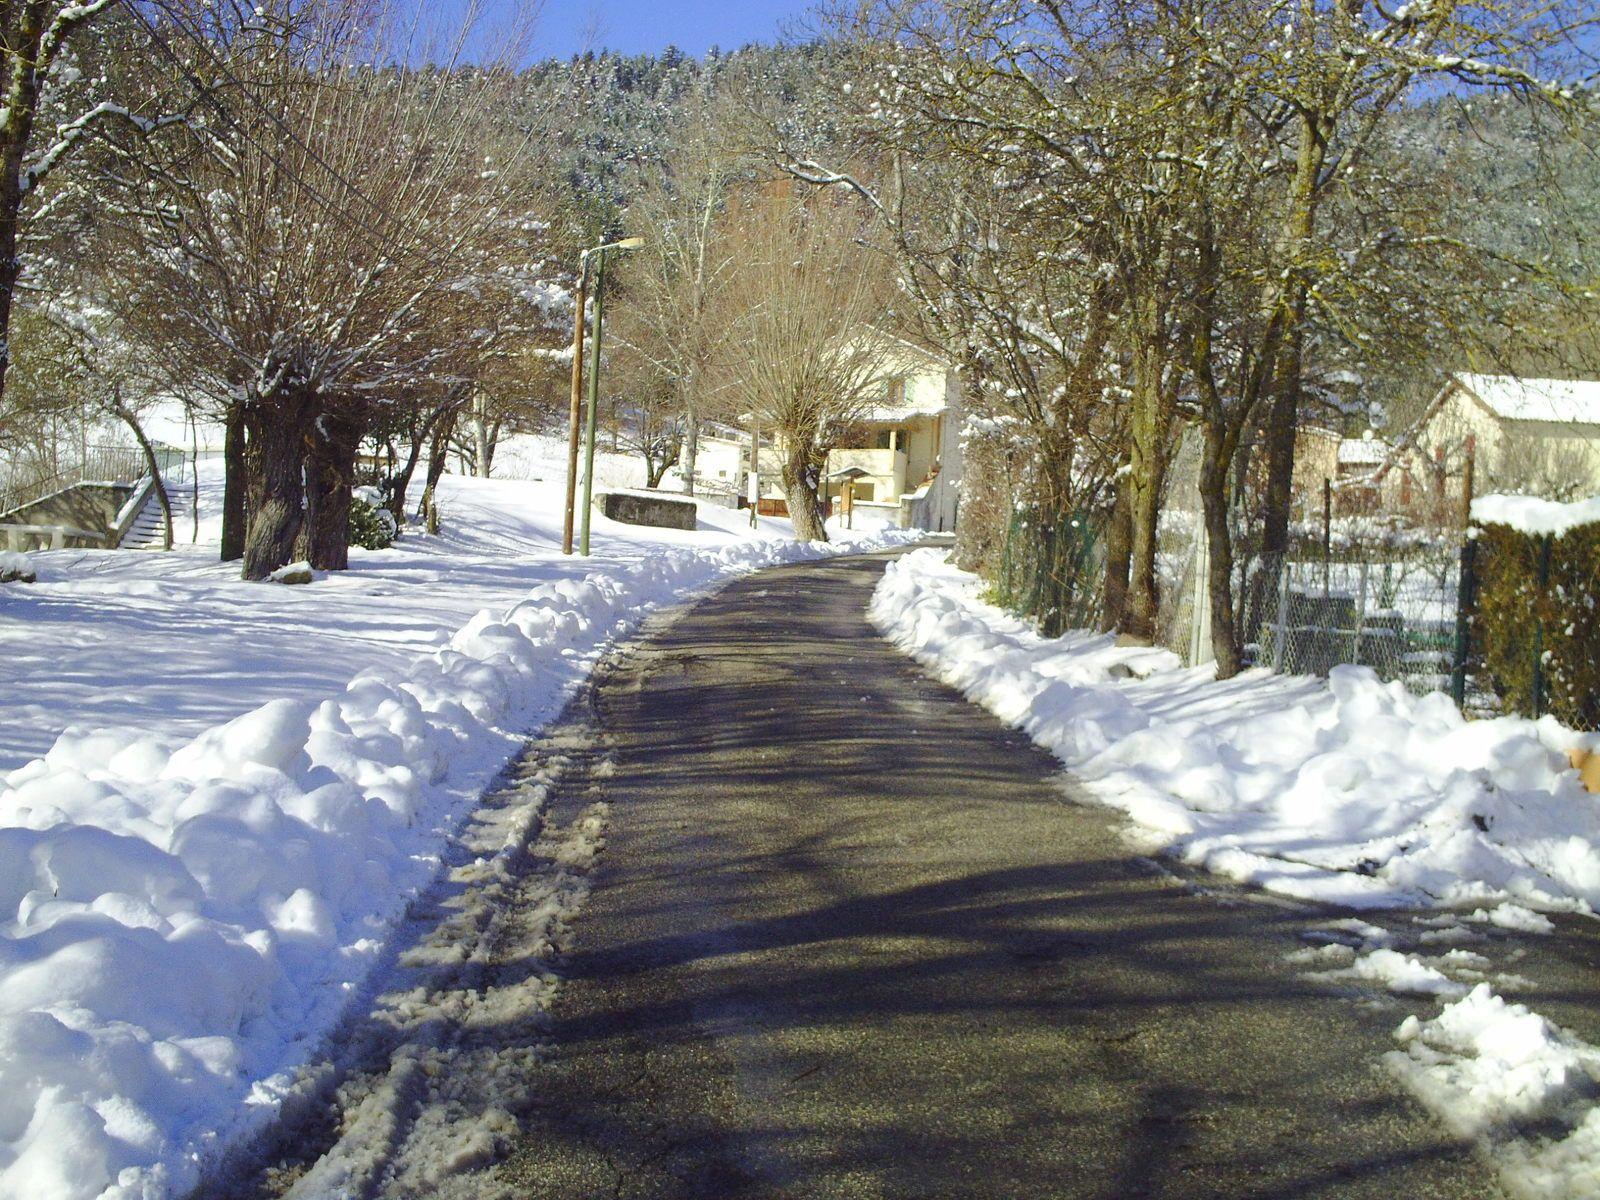 Danièle nous aide un peu pour montrer la Mure sous la neige lors de sa promenade sous le soleil comment joindre l'utile à l'agréable